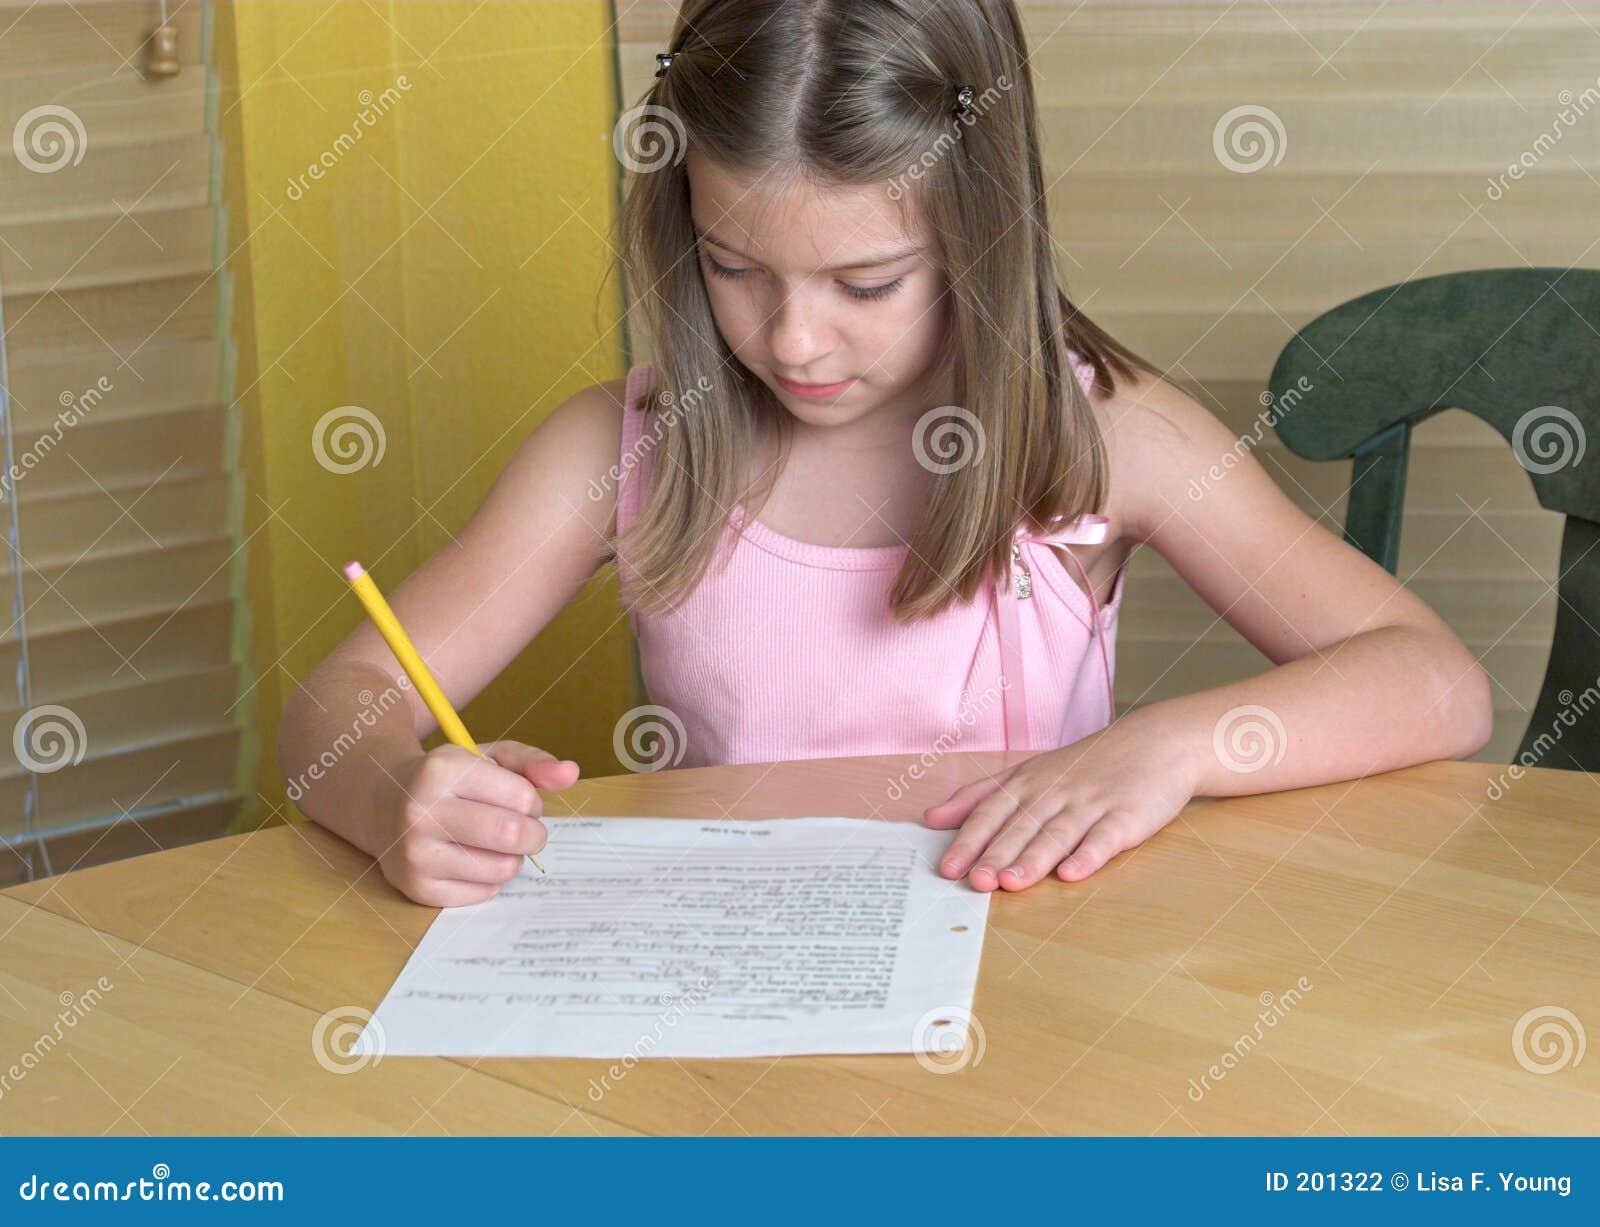 georgia college essay prompt